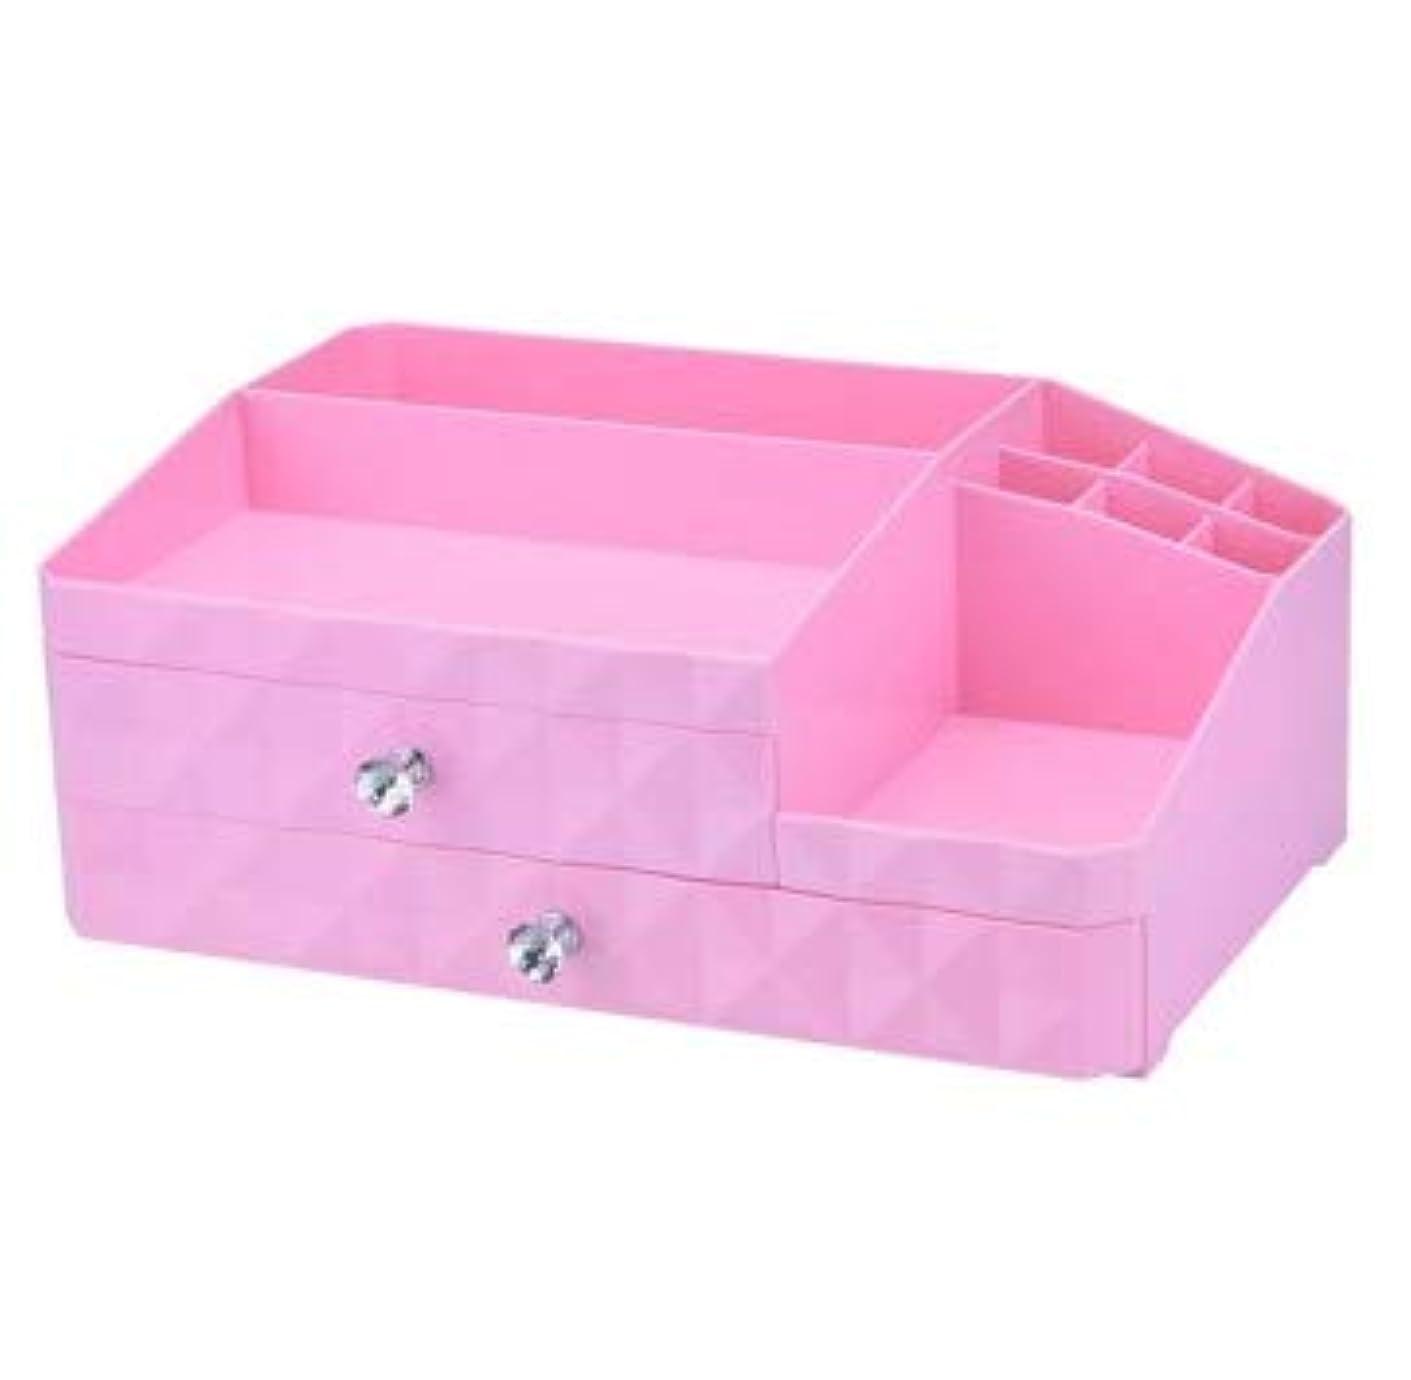 前部分析ミニデスクトップジュエリーボックス引き出し化粧品収納ボックス三層プラスチック仕上げボックス (Color : ピンク)